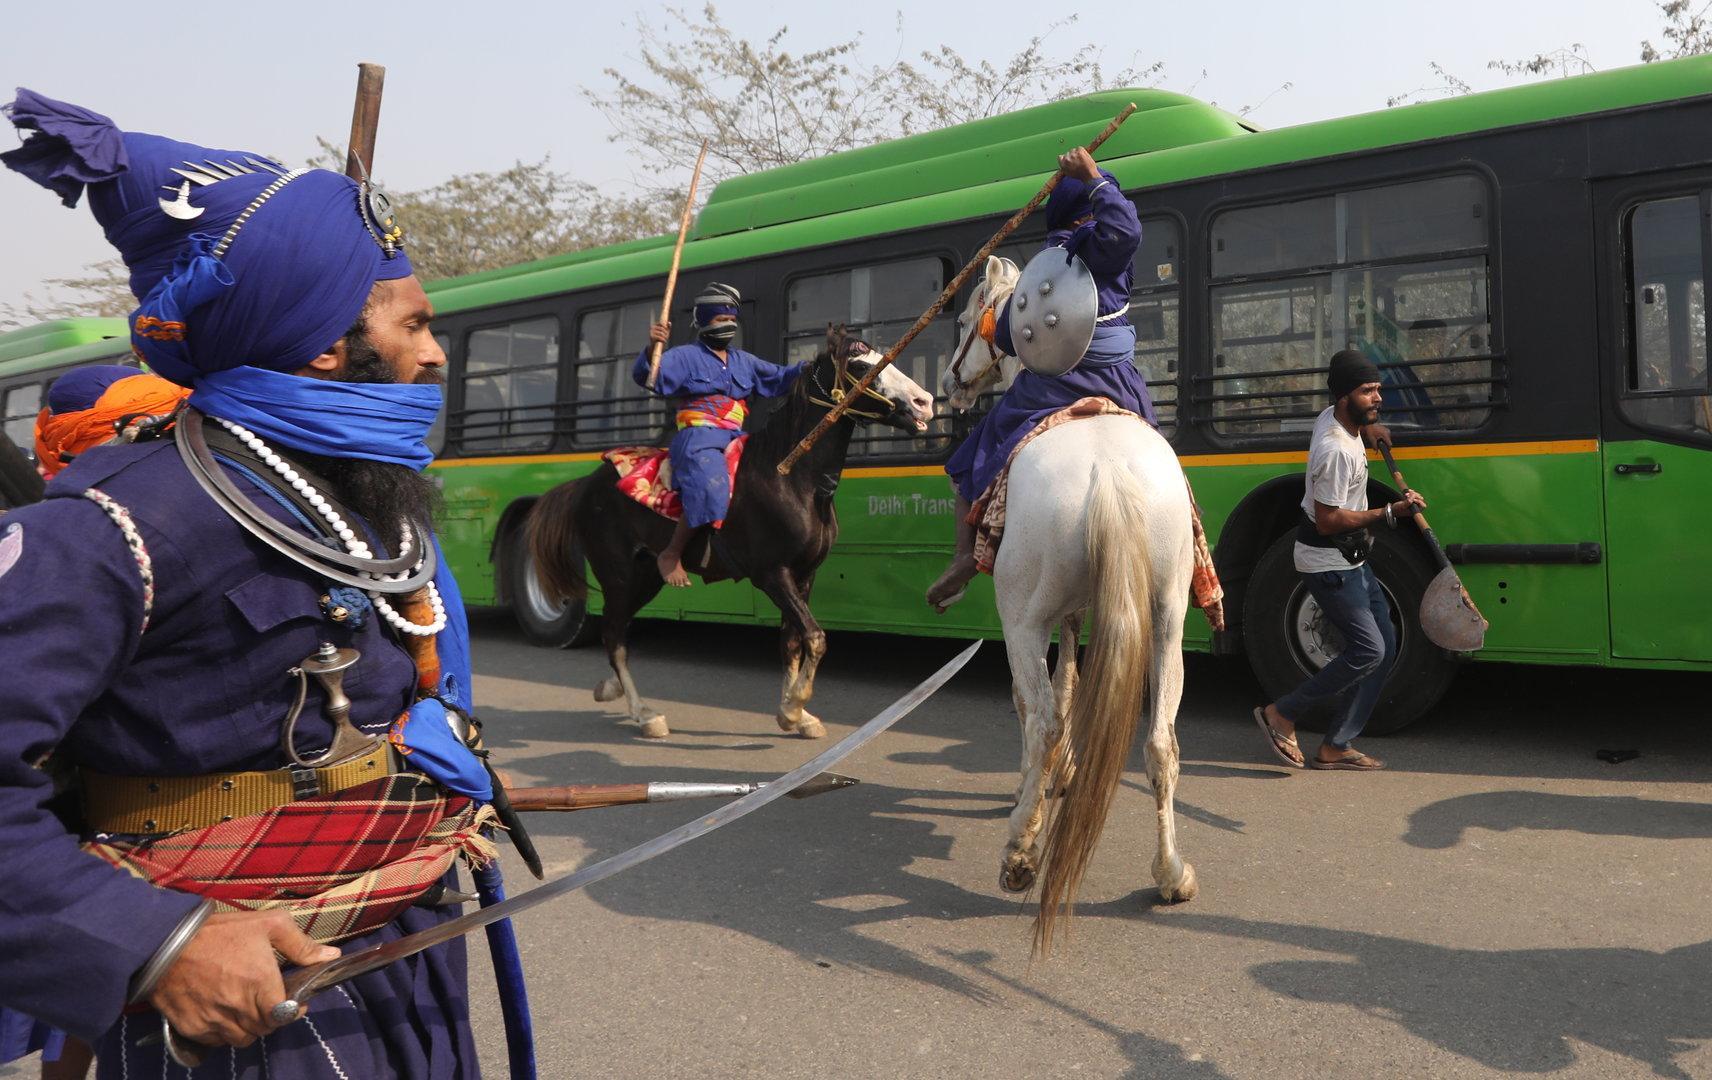 Bauerndemos in Indien: Mit Pferd und Schwert gegen die Agrarreform